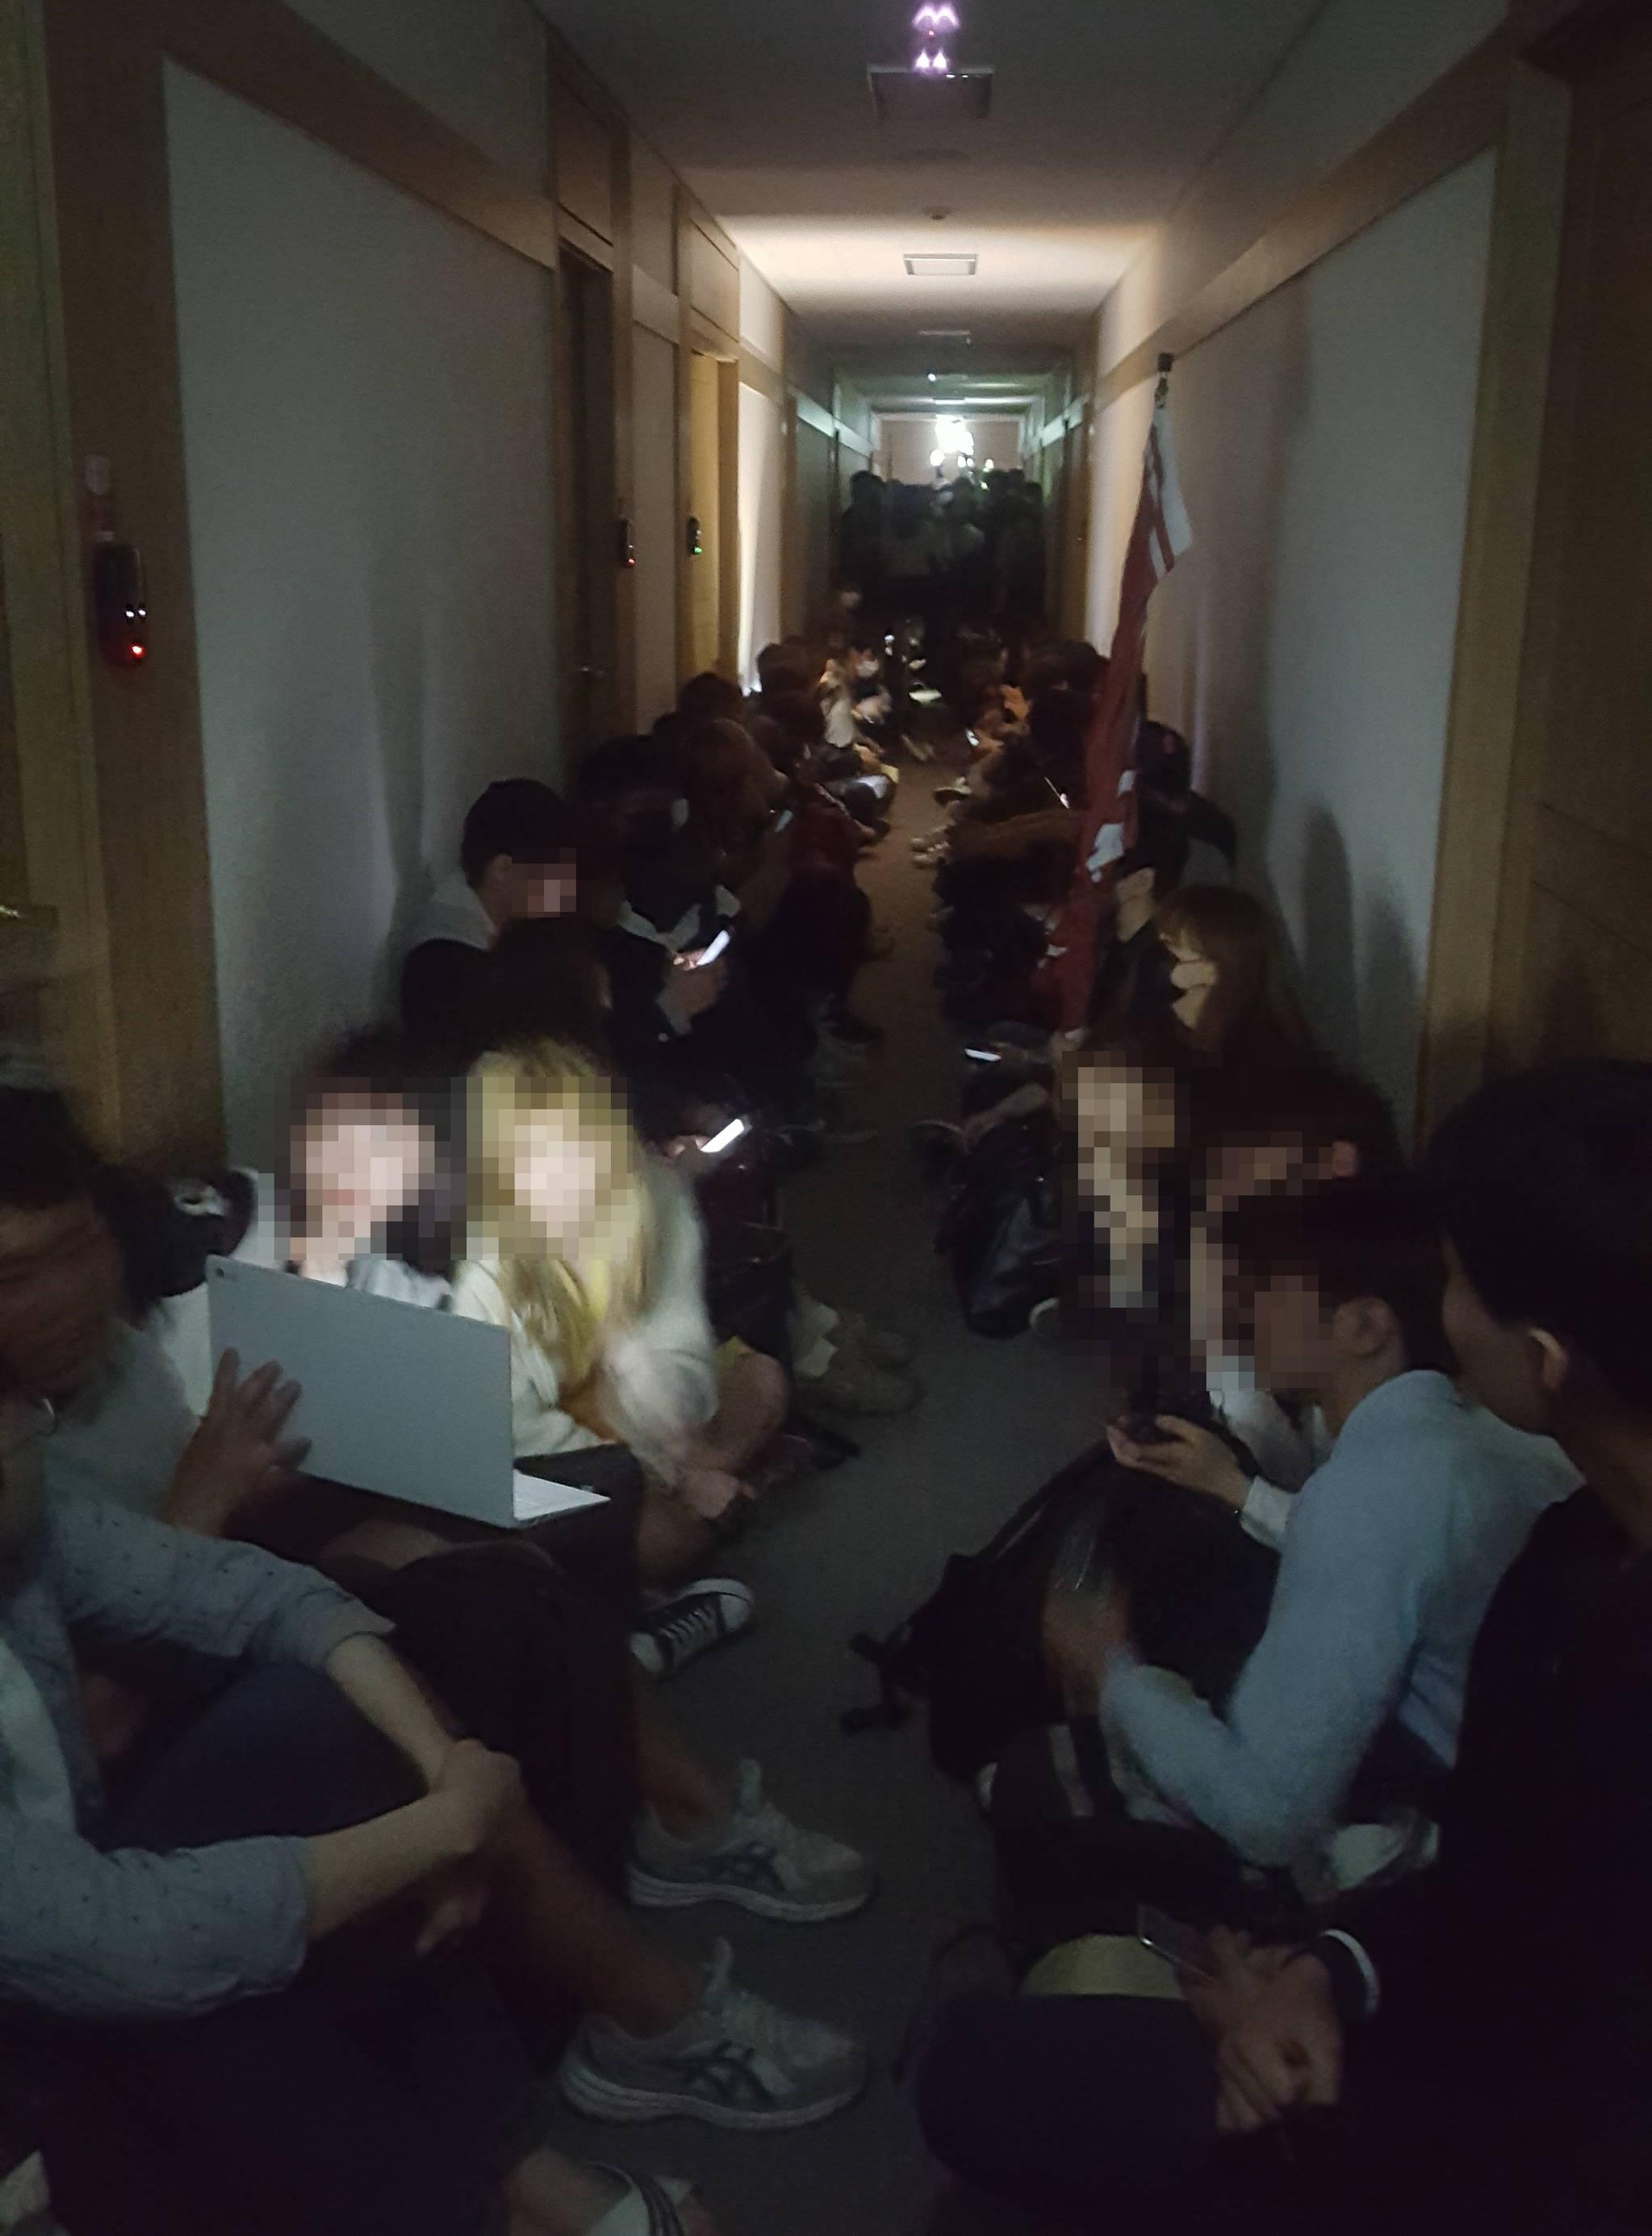 1일 밤 서울대 학생들이 유리창을 깨고 행정관 2층에 진입해 농성을 벌이고 있다. 윤재영 기자